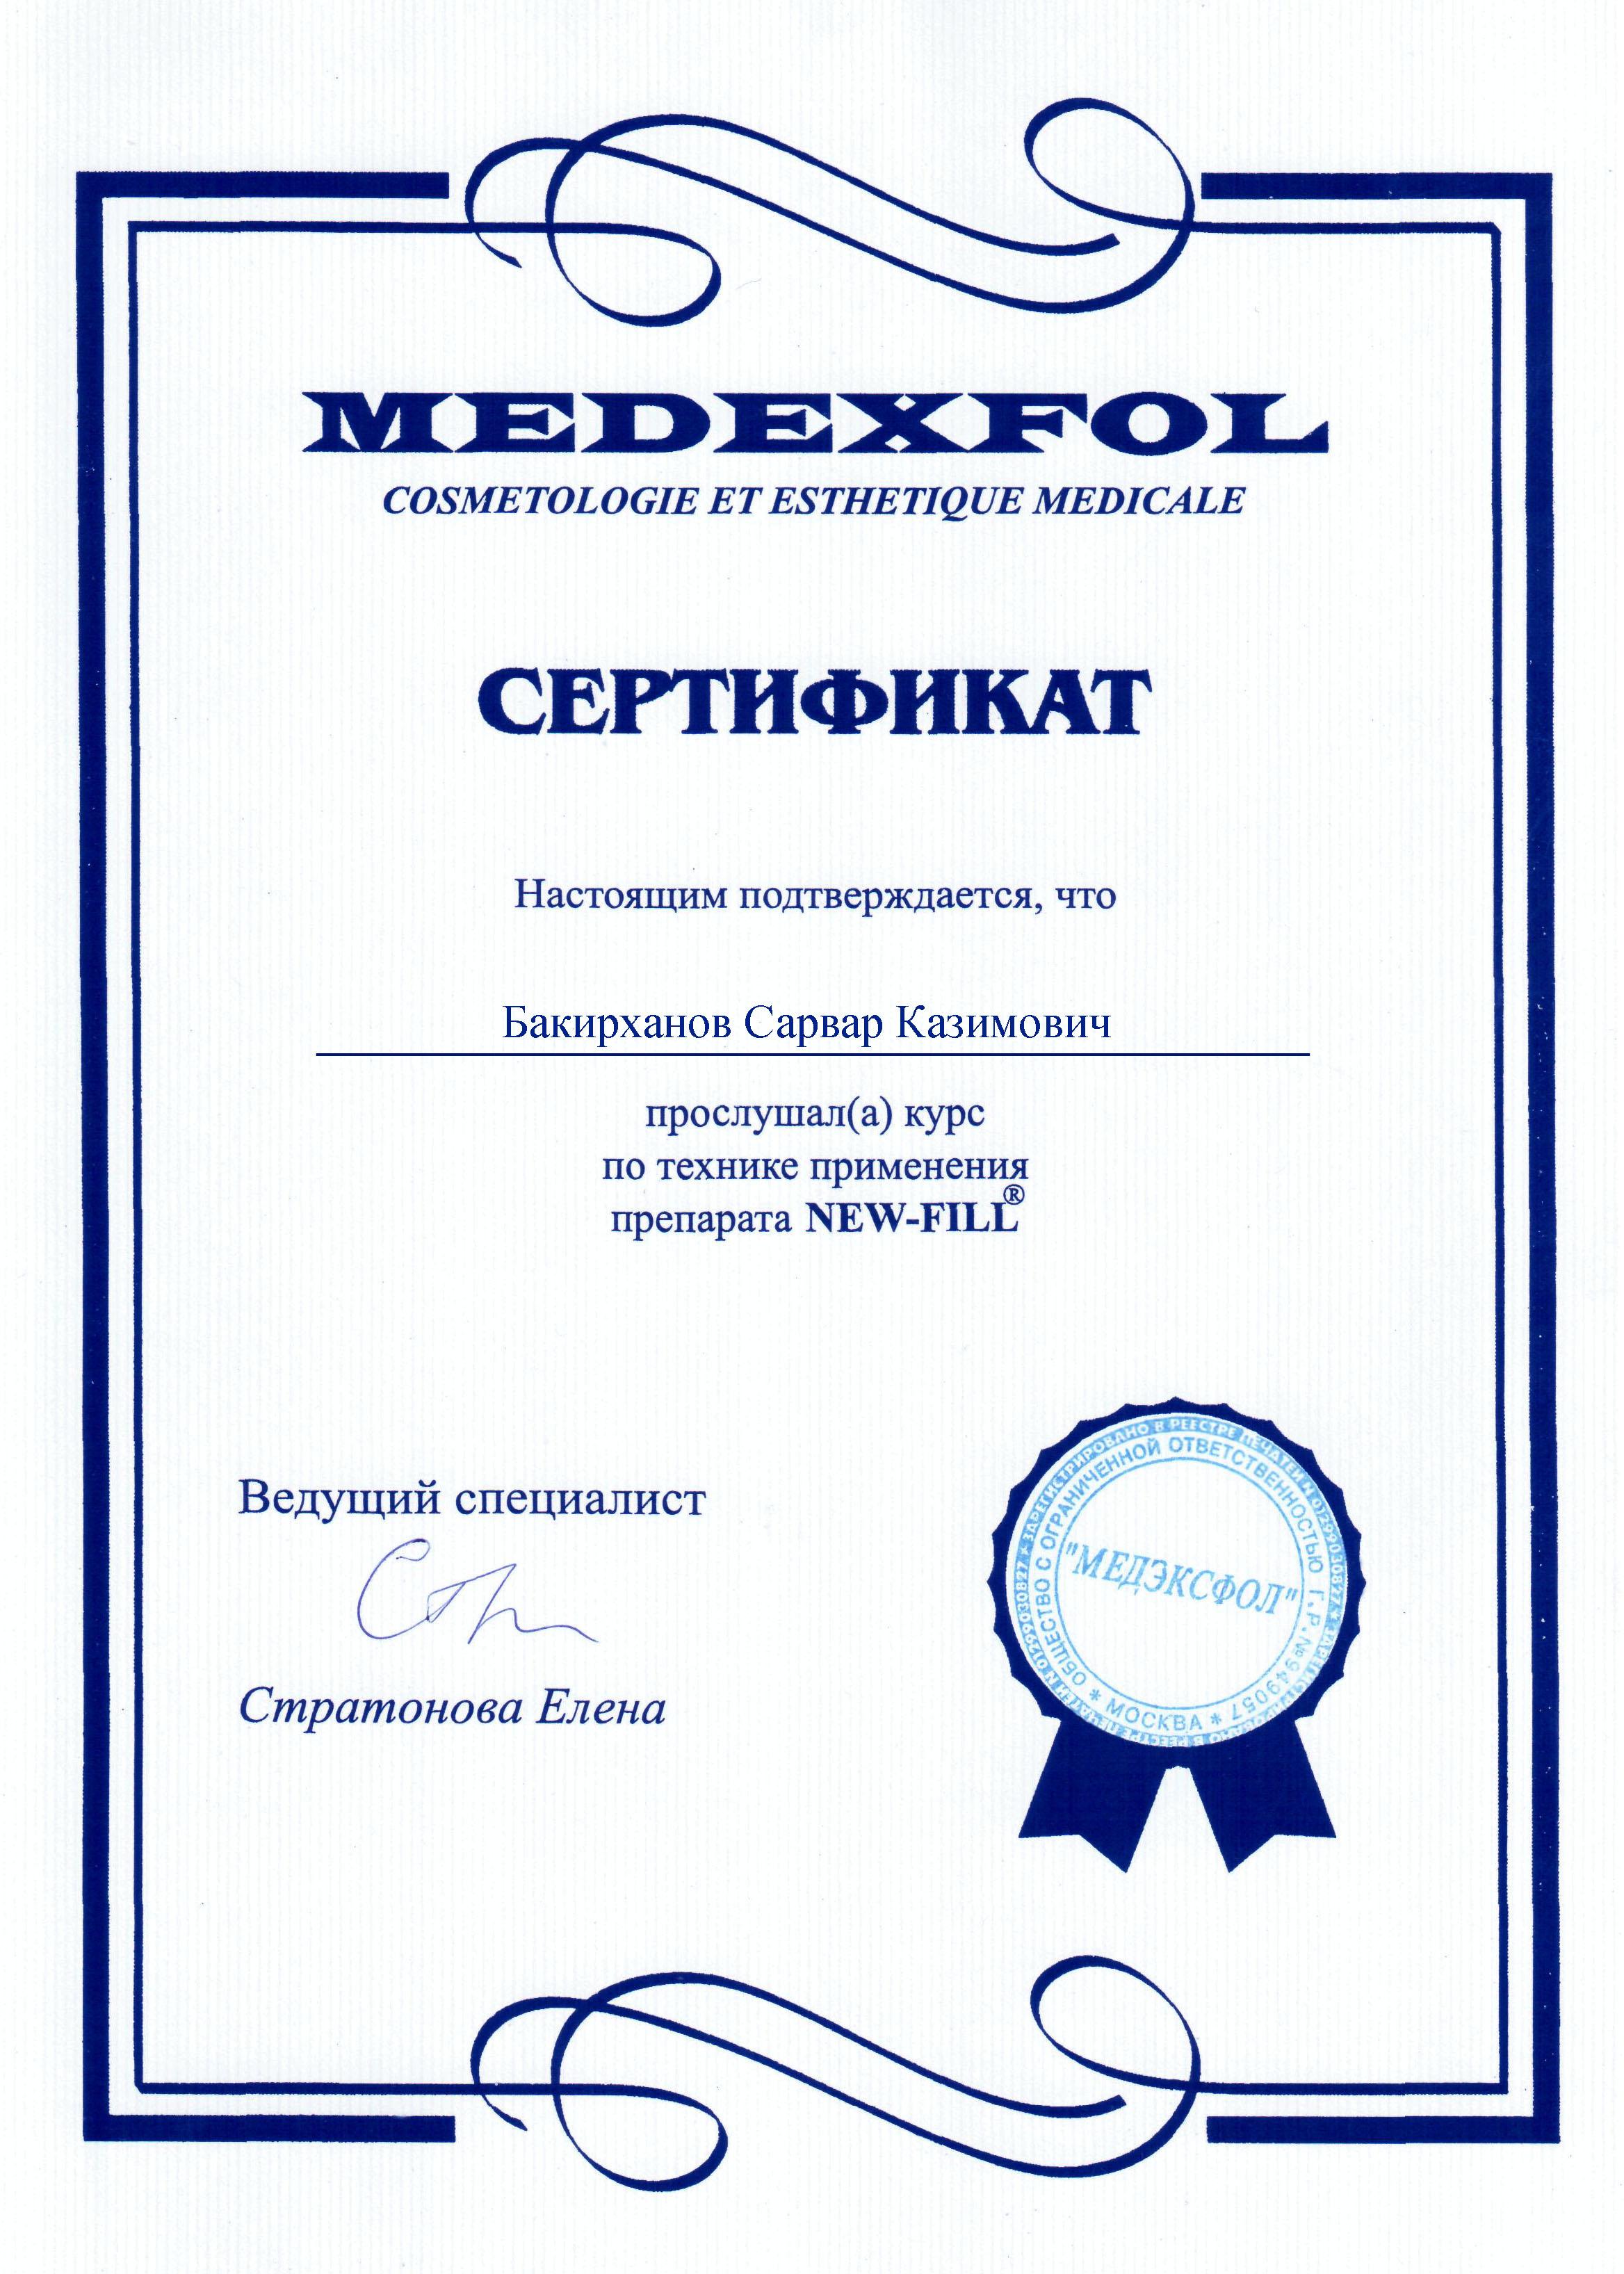 Сертификат по технике применения препарата NEW-FILL